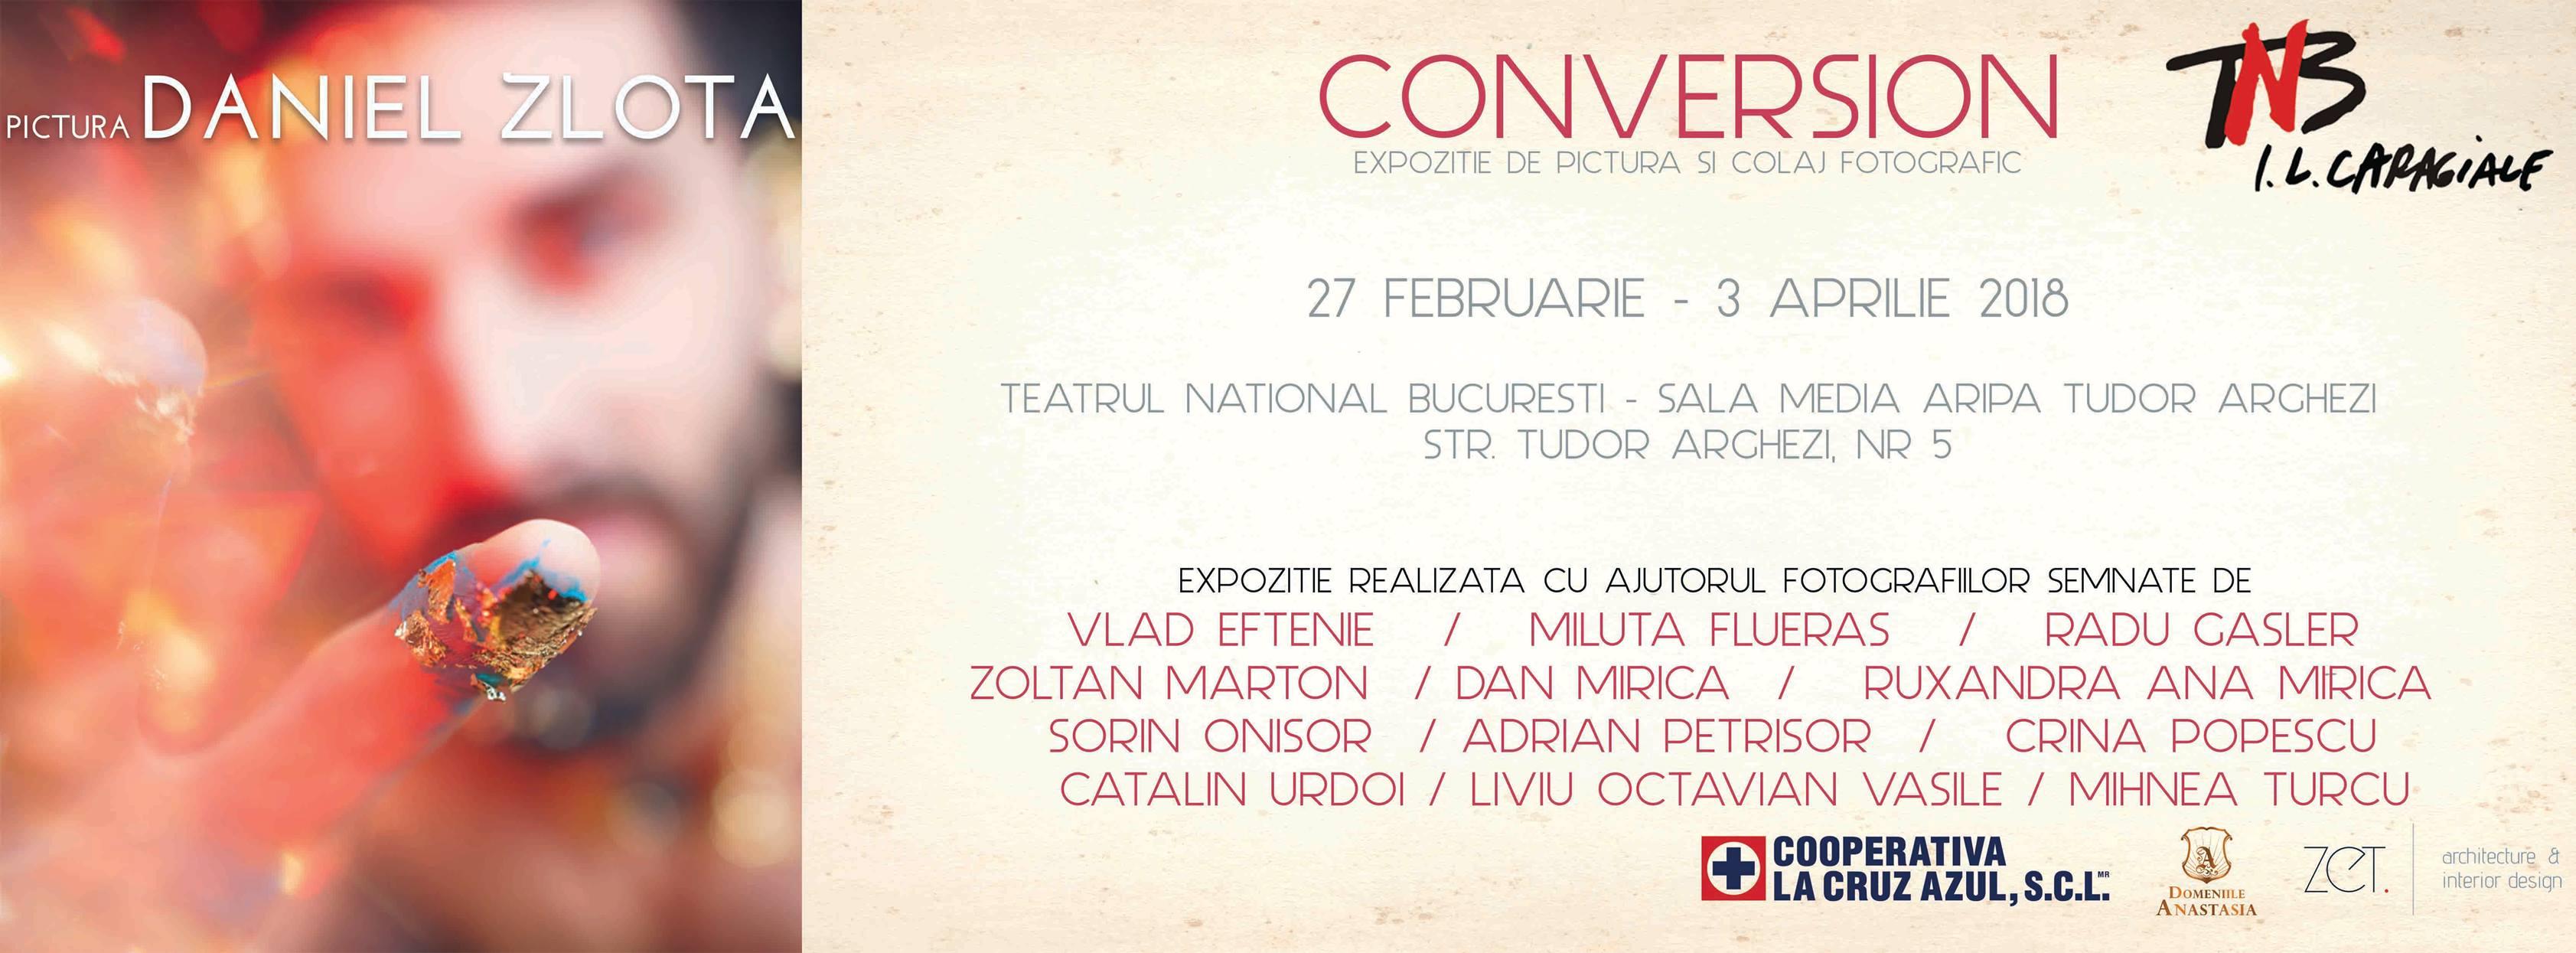 Conversion – un proiect inedit de pictură și colaj fotografic gândit de artistul Daniel Zlota